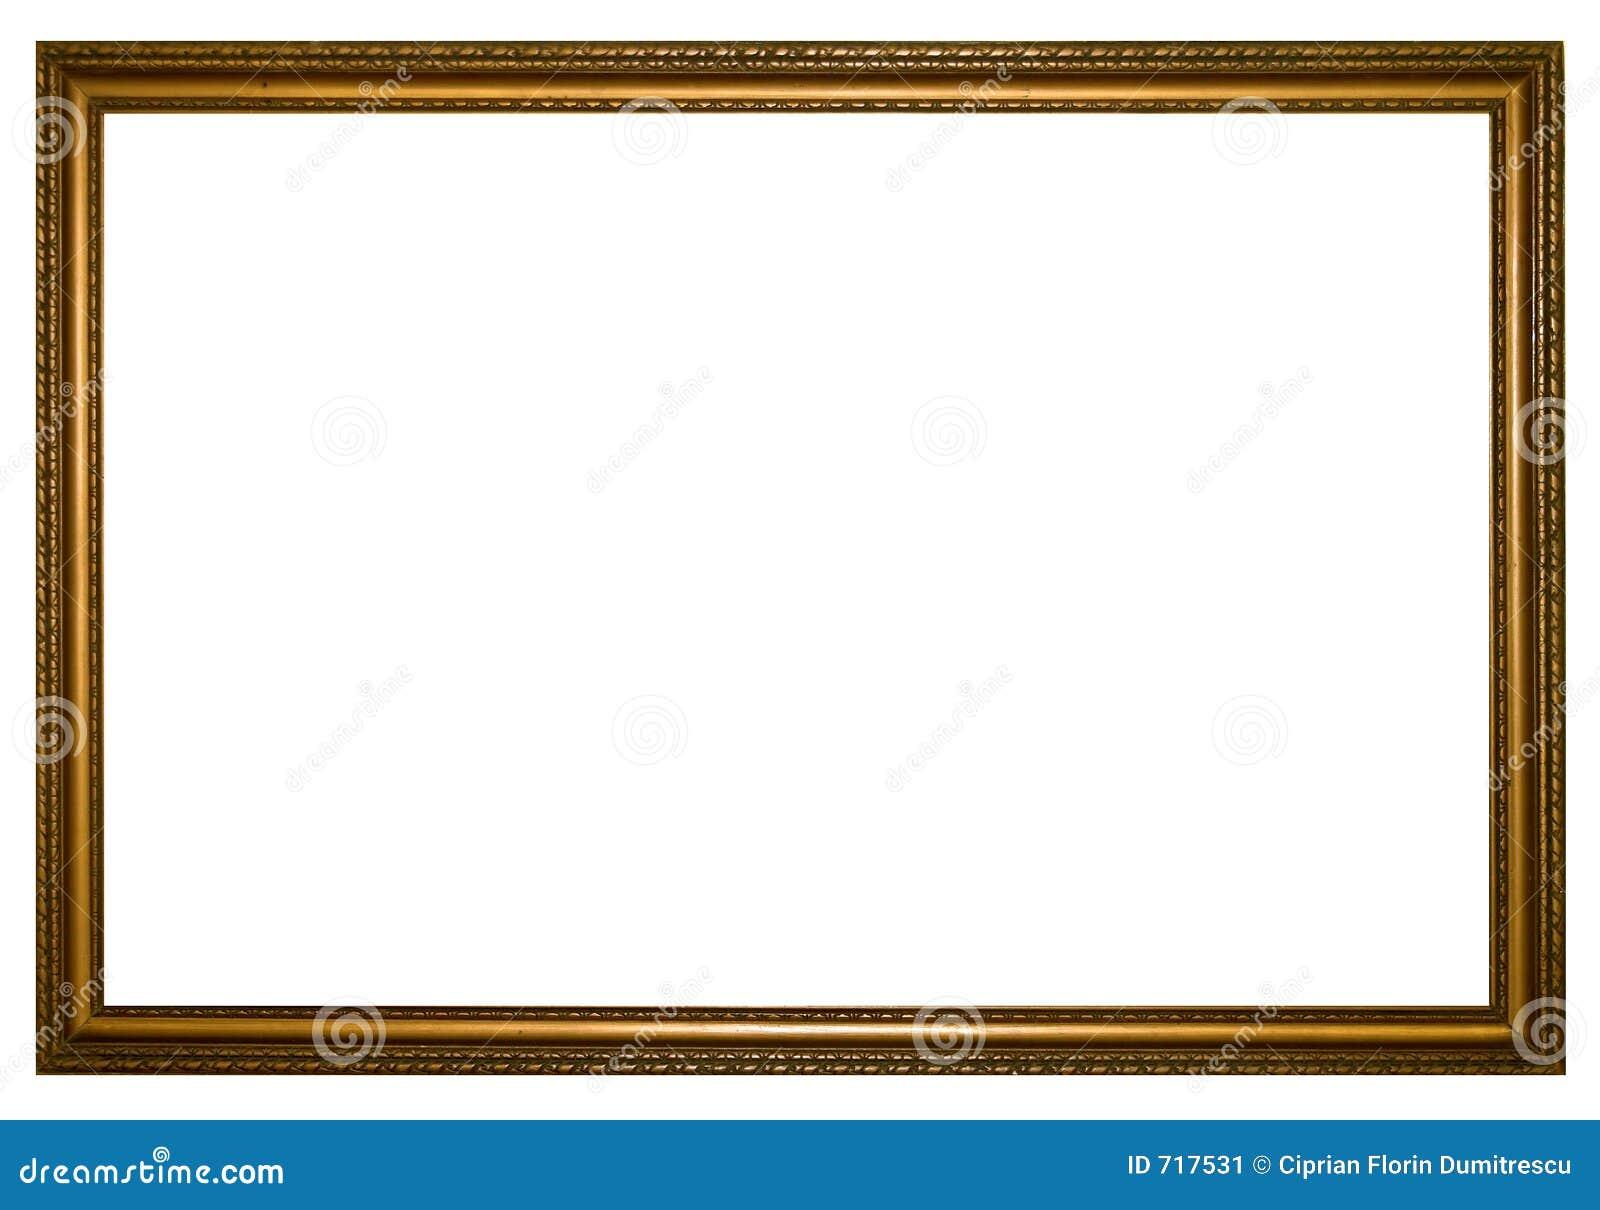 Big wood frame stock image image 717531 for Large a frame